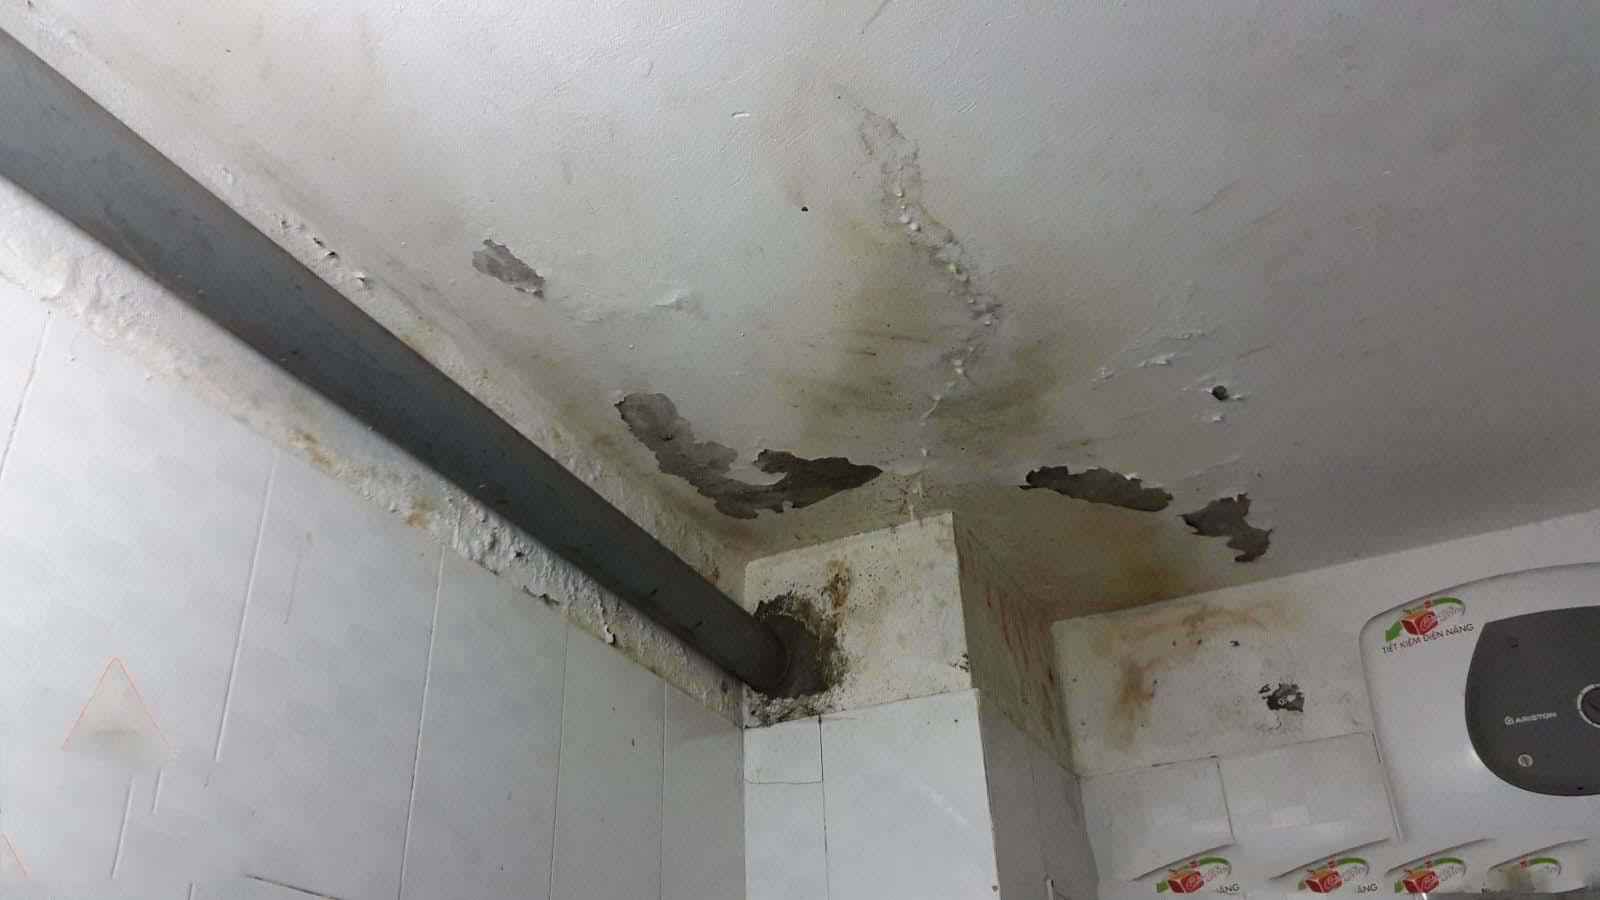 nhà vệ sinh bị thấm nước